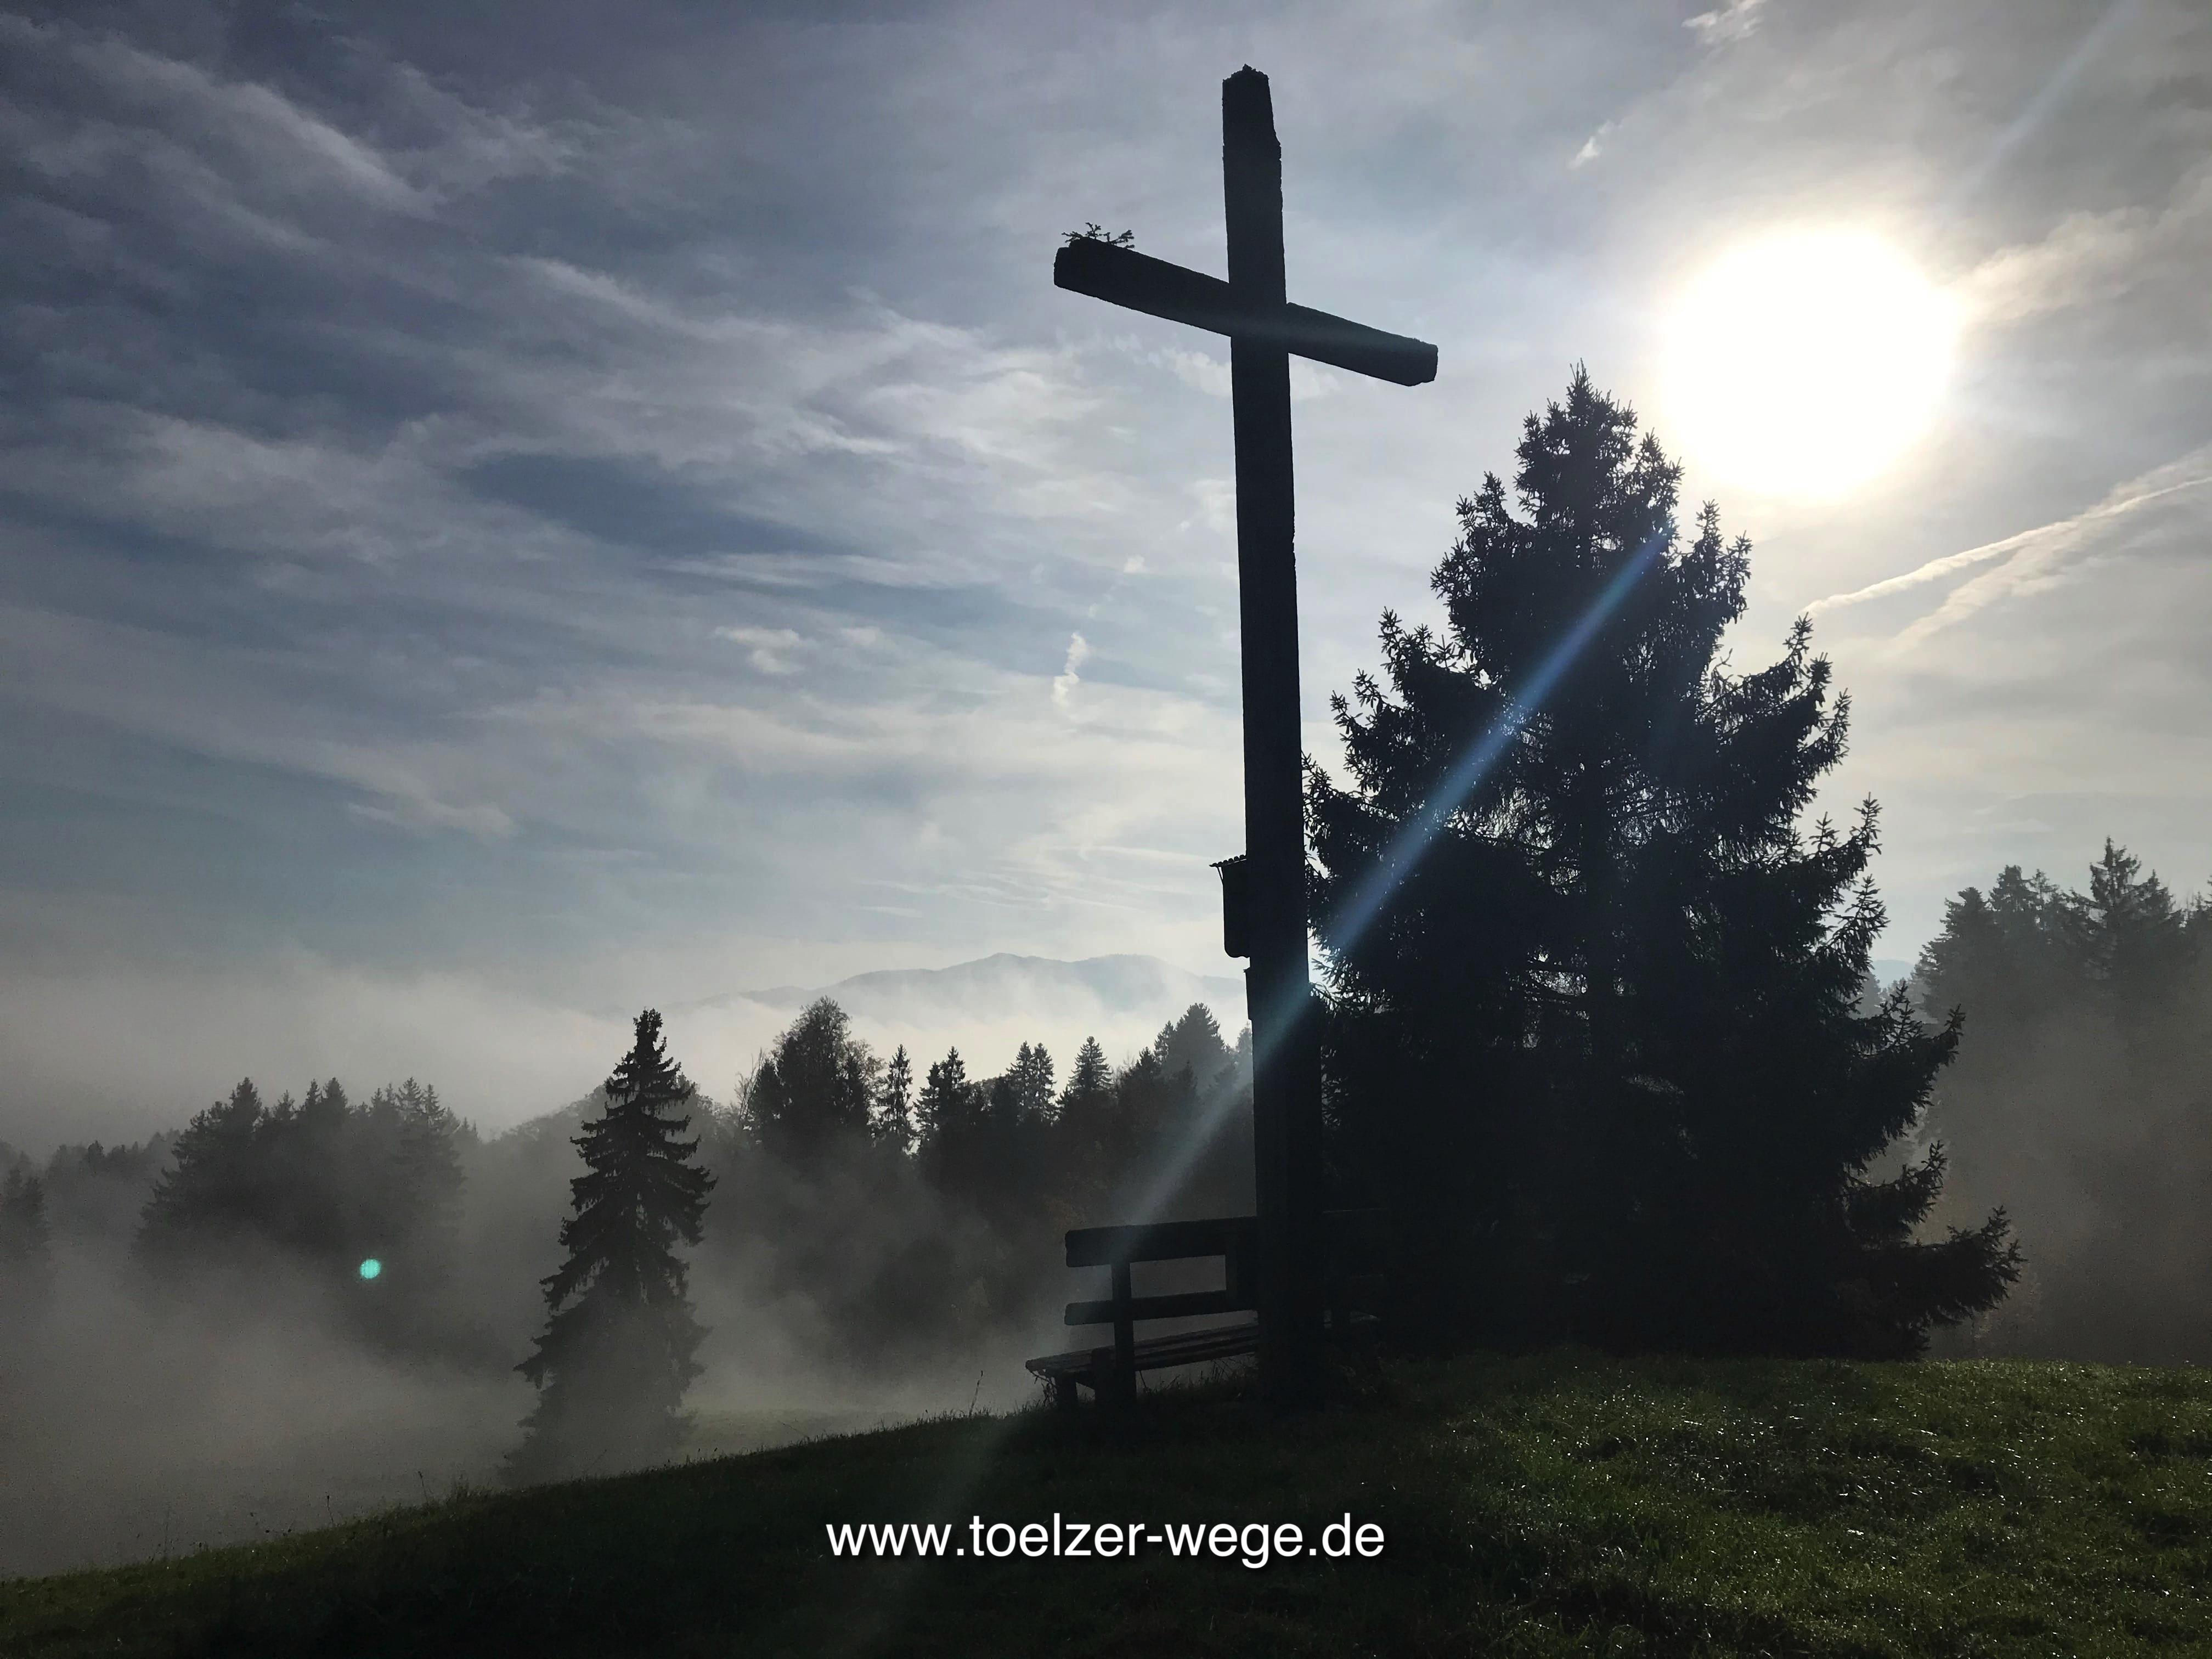 toelzer wege blog buchberg bad toelz